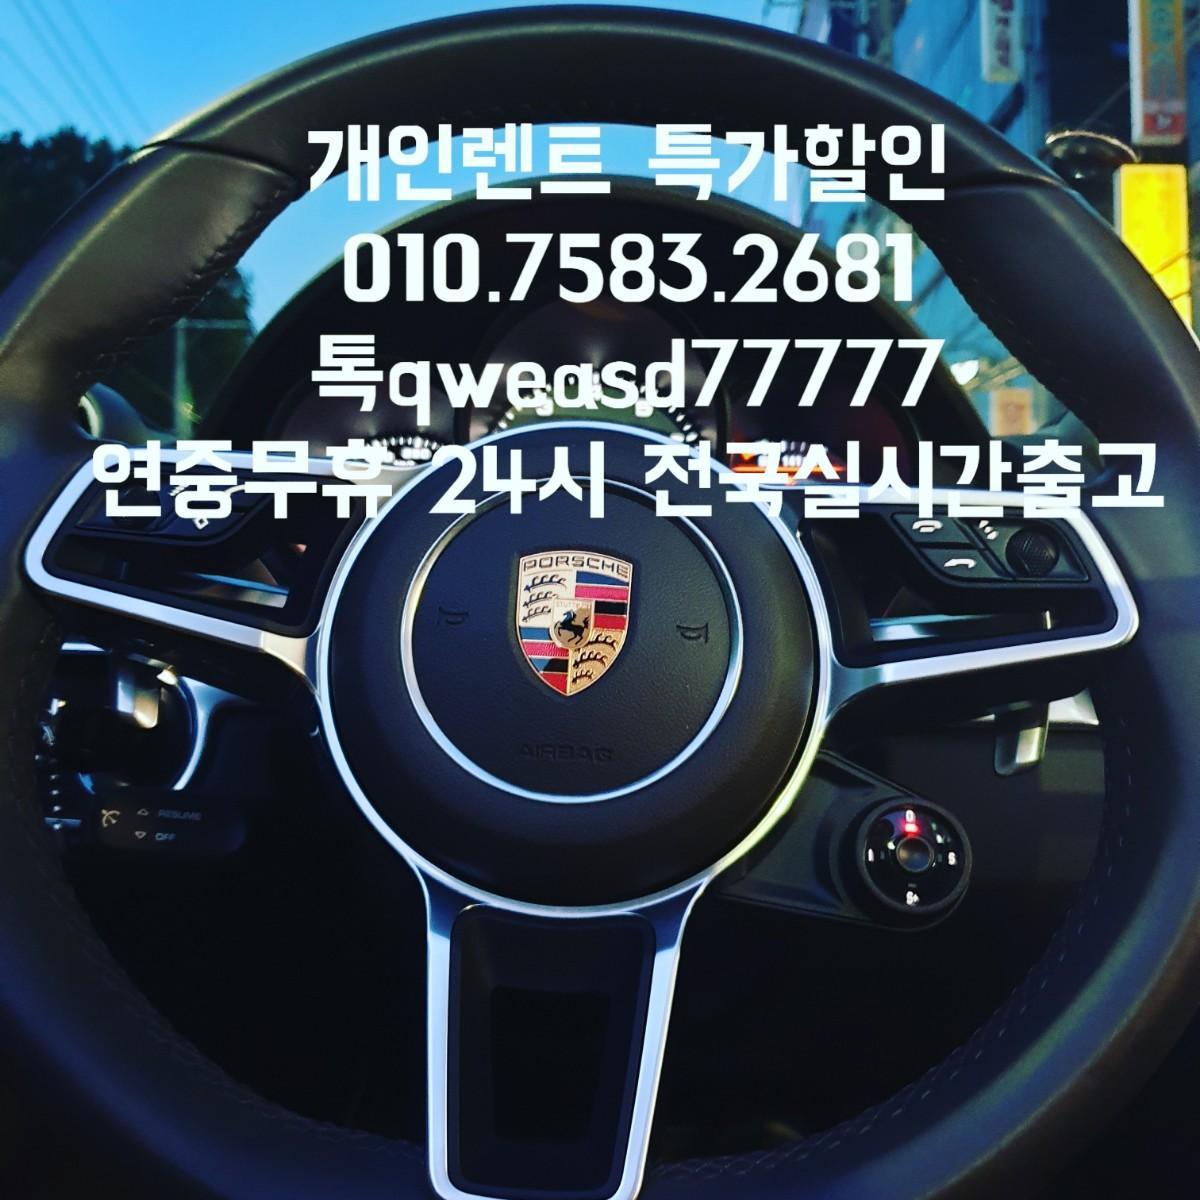 개인렌트.수입차렌트.오픈카렌트.스포츠카렌트.외제차렌트.서울인천개인렌트 - 1